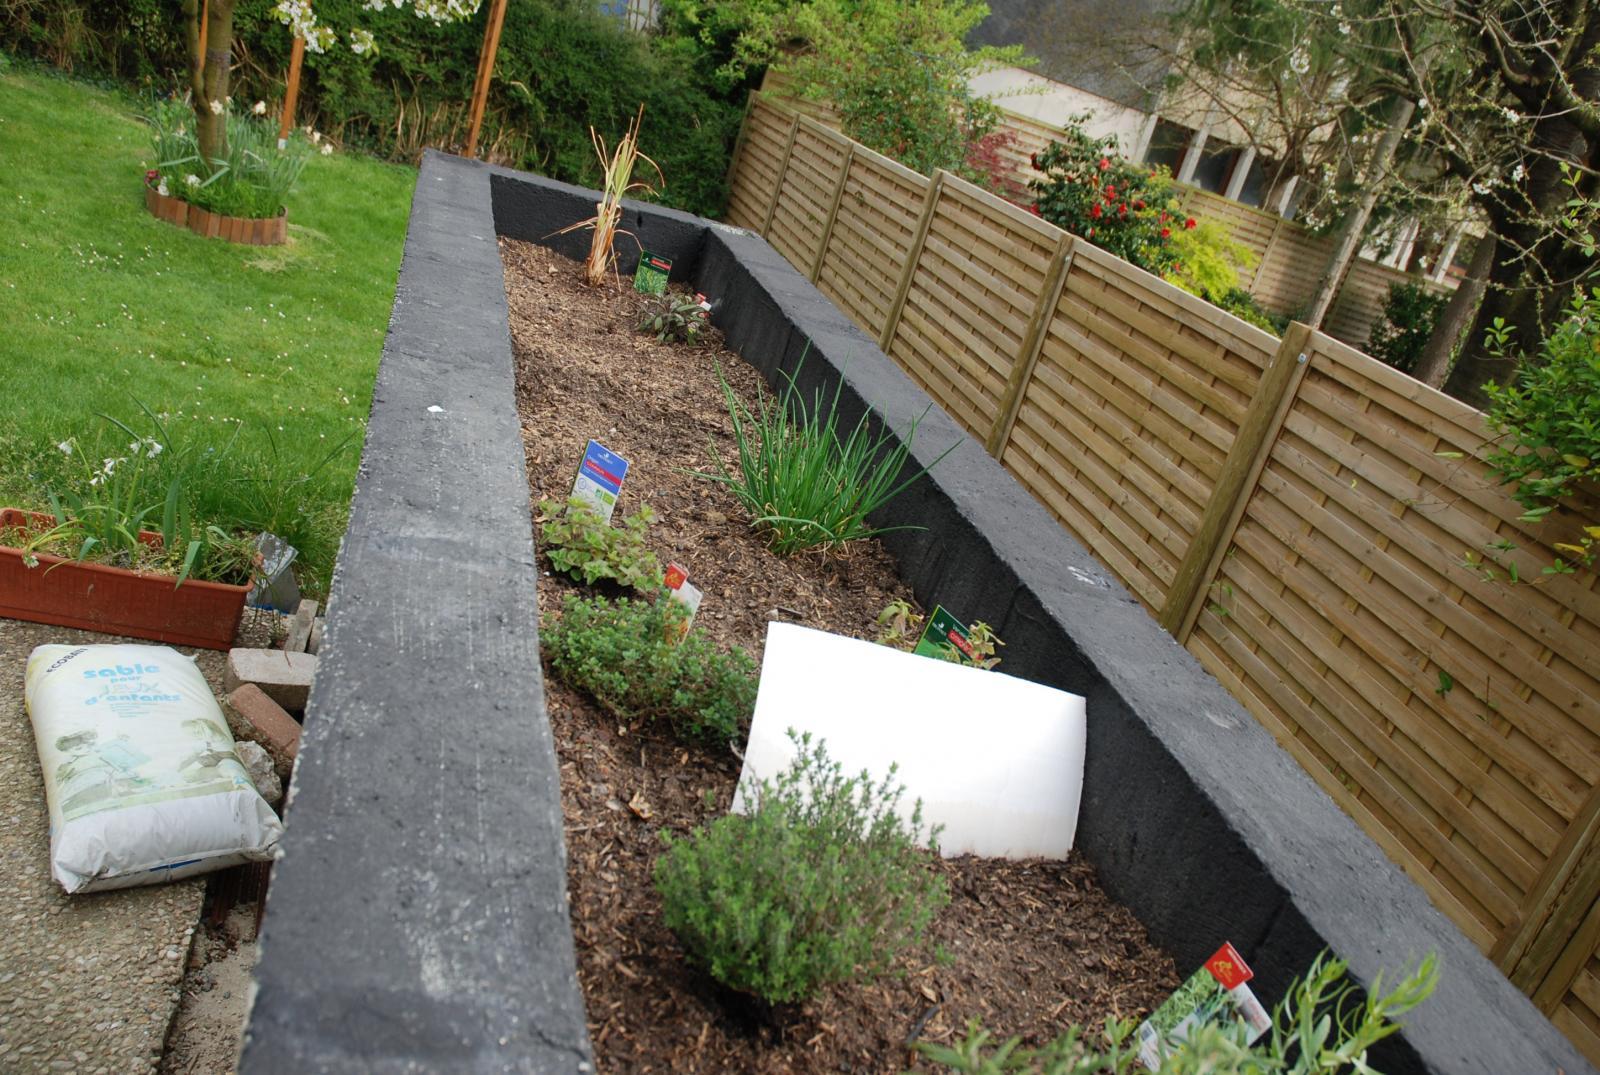 petit reportage photo r alisation d 39 un jardini re par une bricoleuse. Black Bedroom Furniture Sets. Home Design Ideas